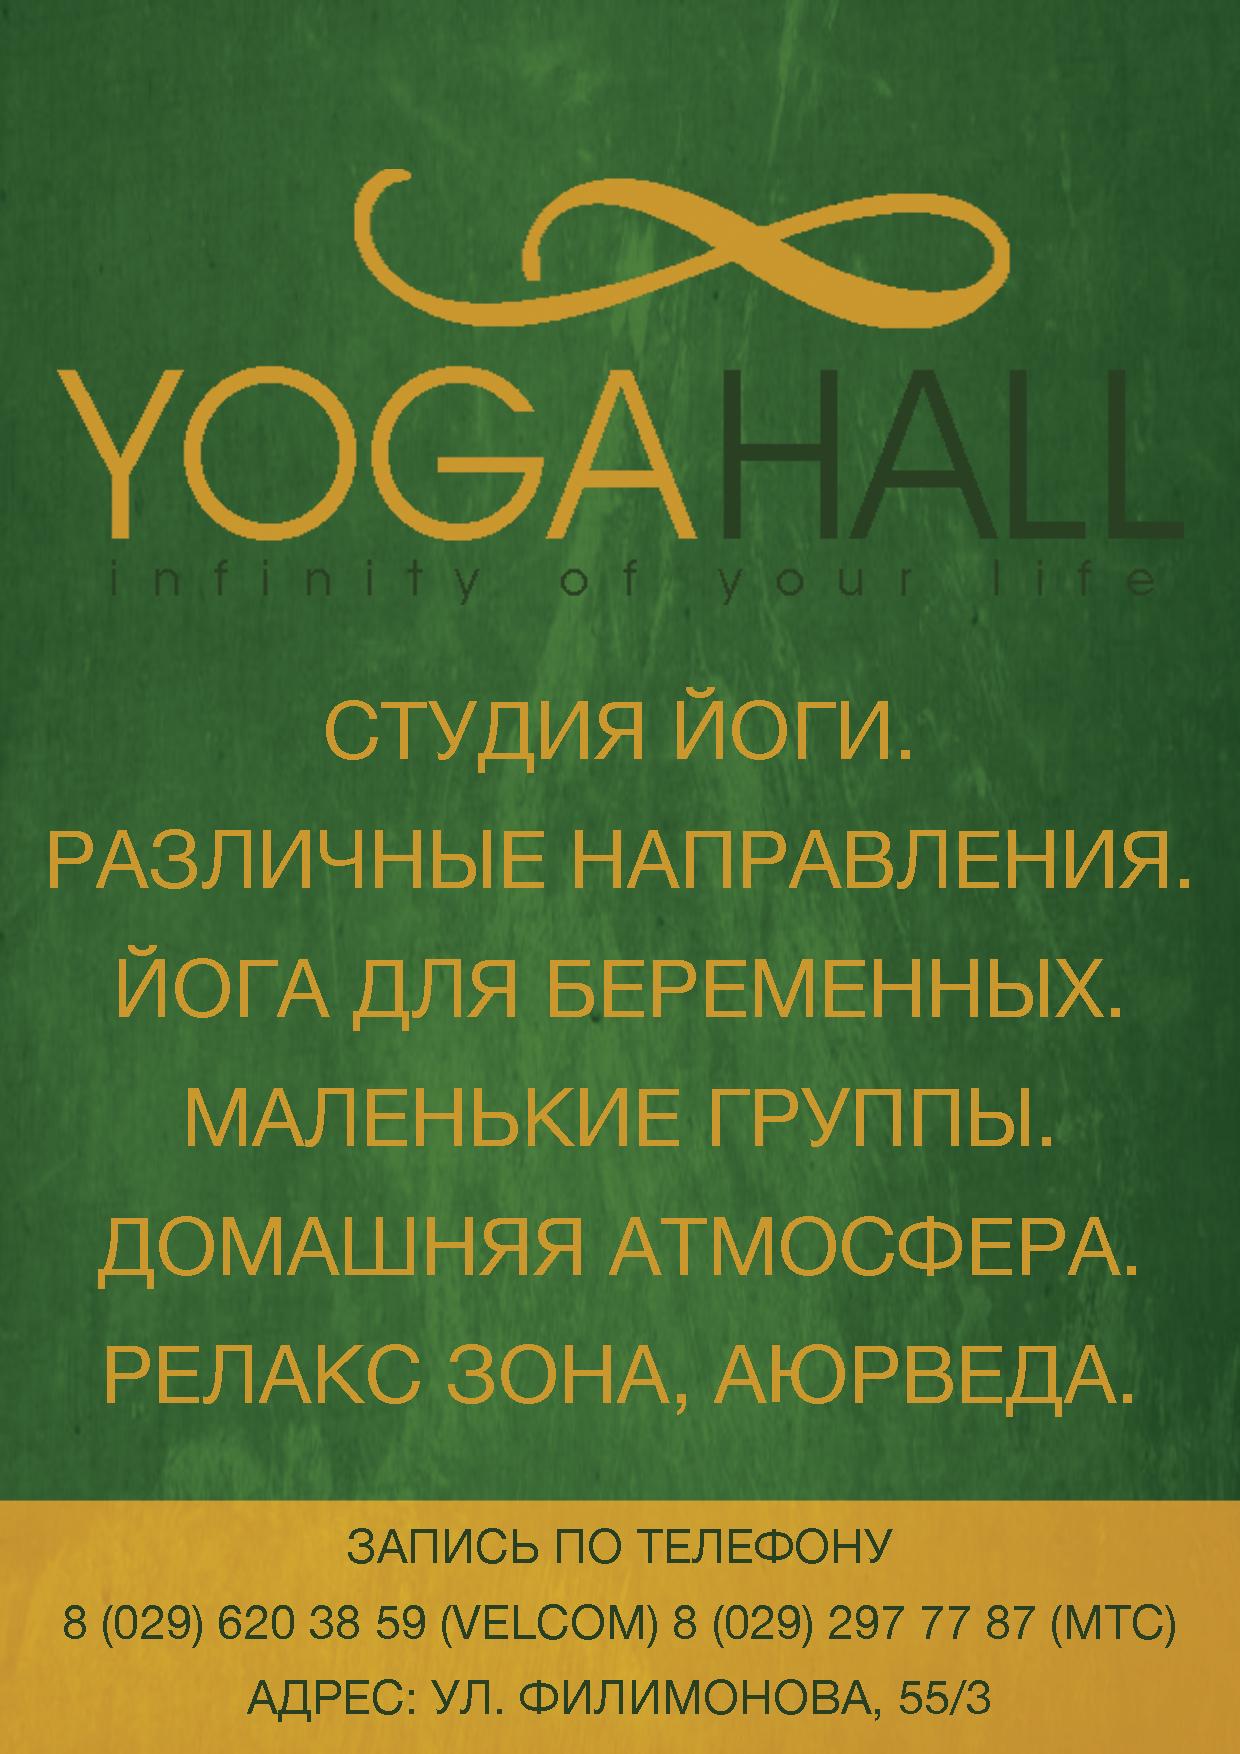 Абонементы на различные направления йоги от 5,83 руб./занятие